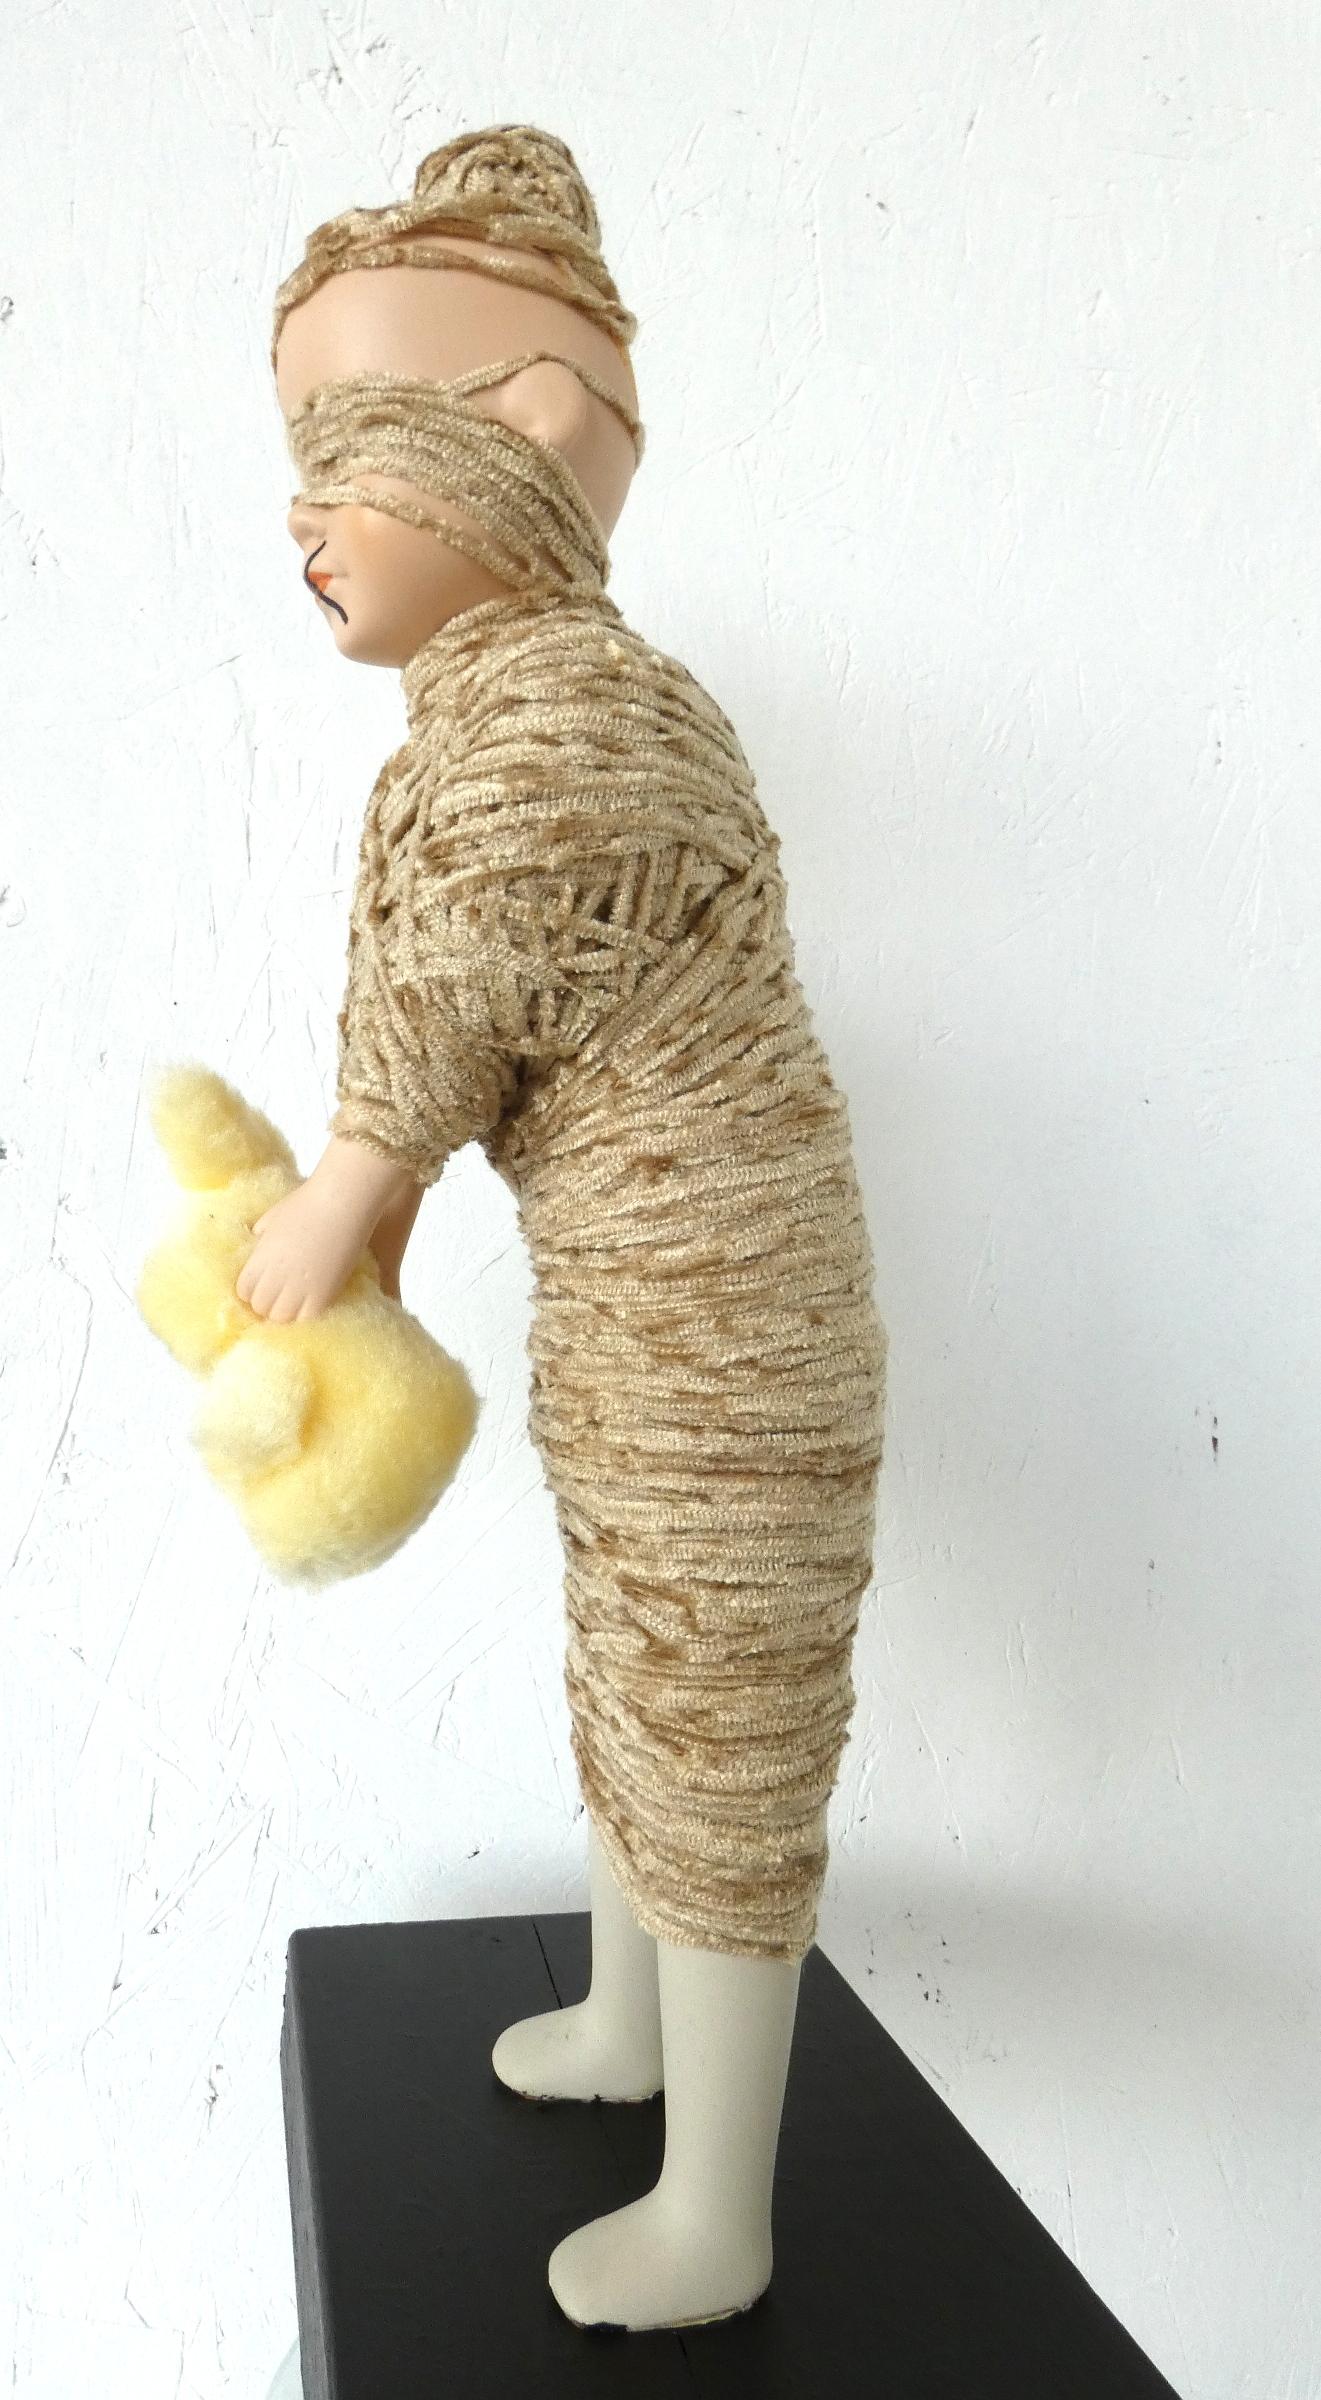 Monddood kunstbeeld, ruimtelijk werk, artwork, textielkunst, textiel art, dutchartist, kunstenaar Wietske Lycklama à Nijeholt